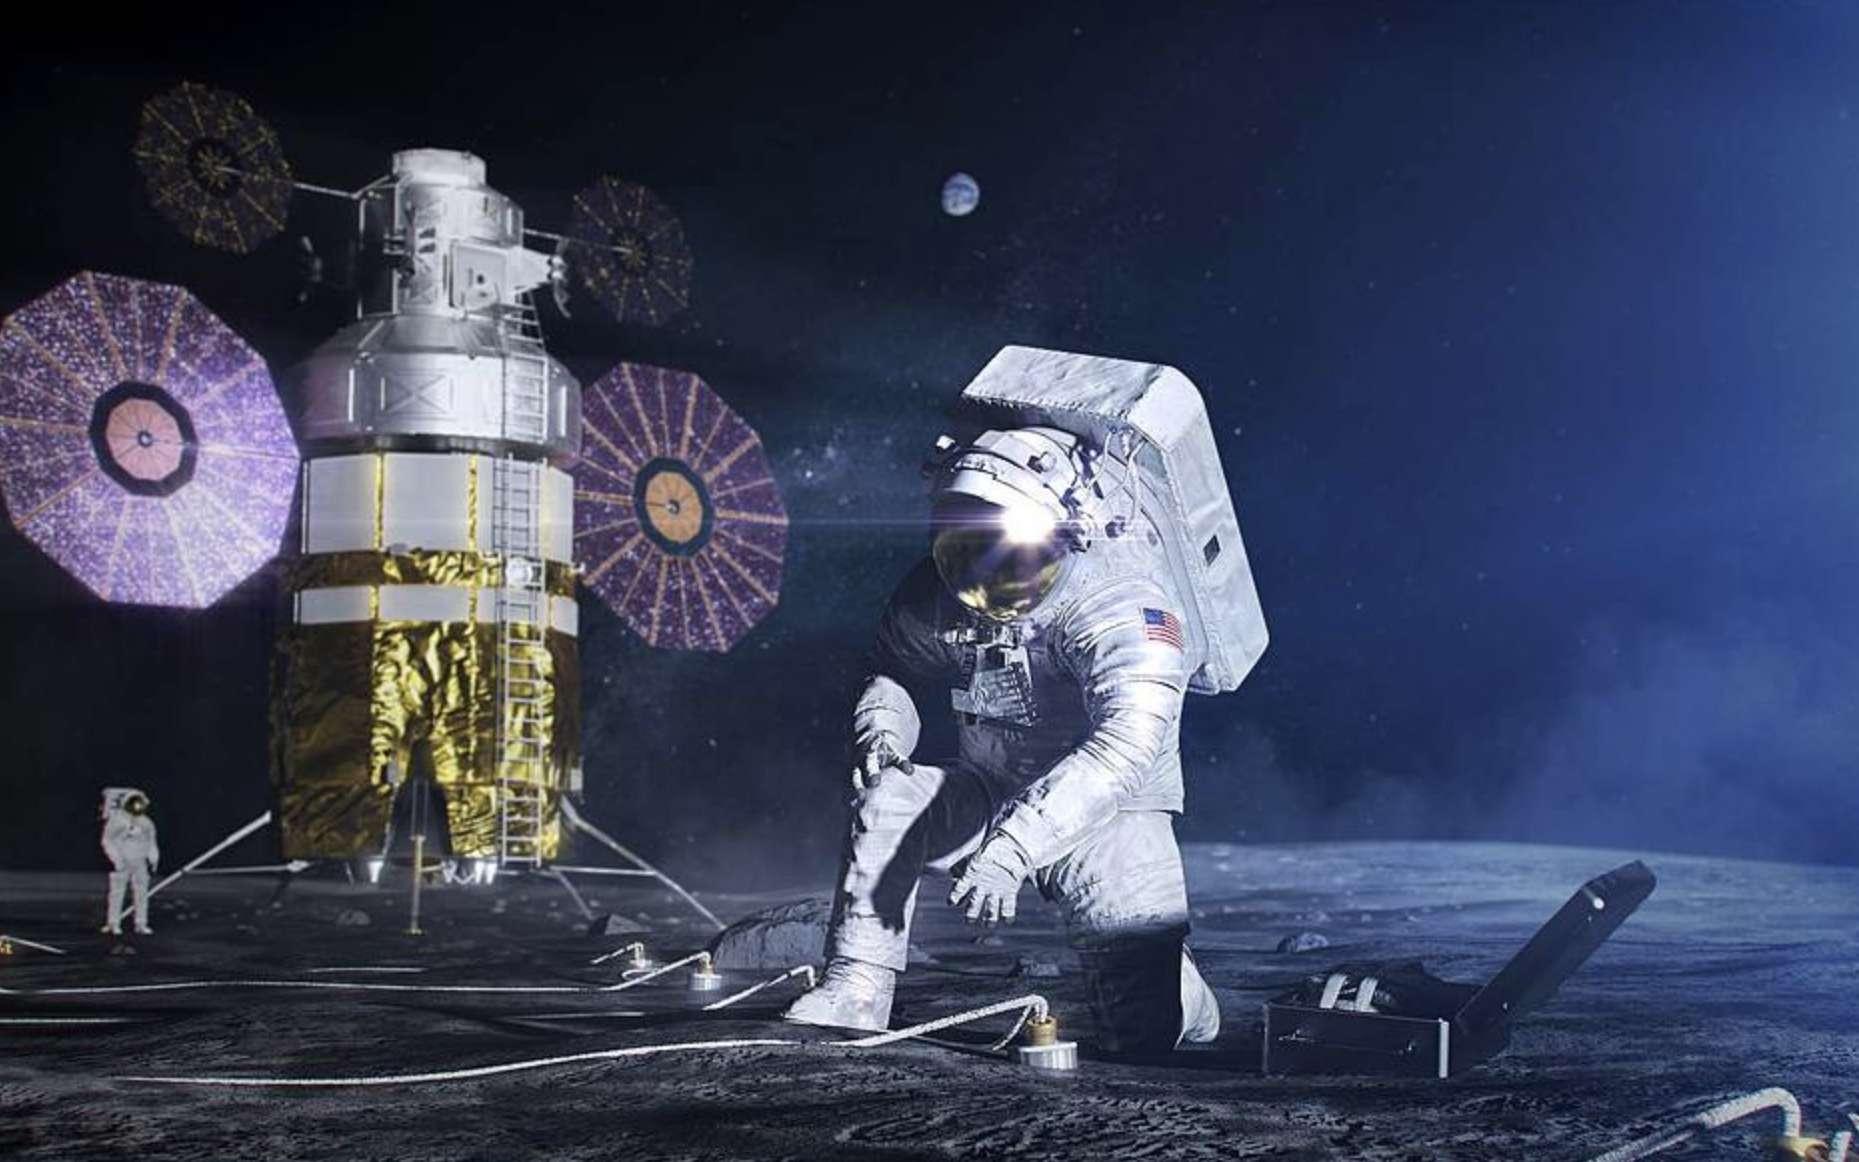 Concept d'artiste d'un astronaute dans la combinaison spatiale xEMU mettant en place une expérience scientifique sur la surface lunaire. © Jason Roberts, Nasa